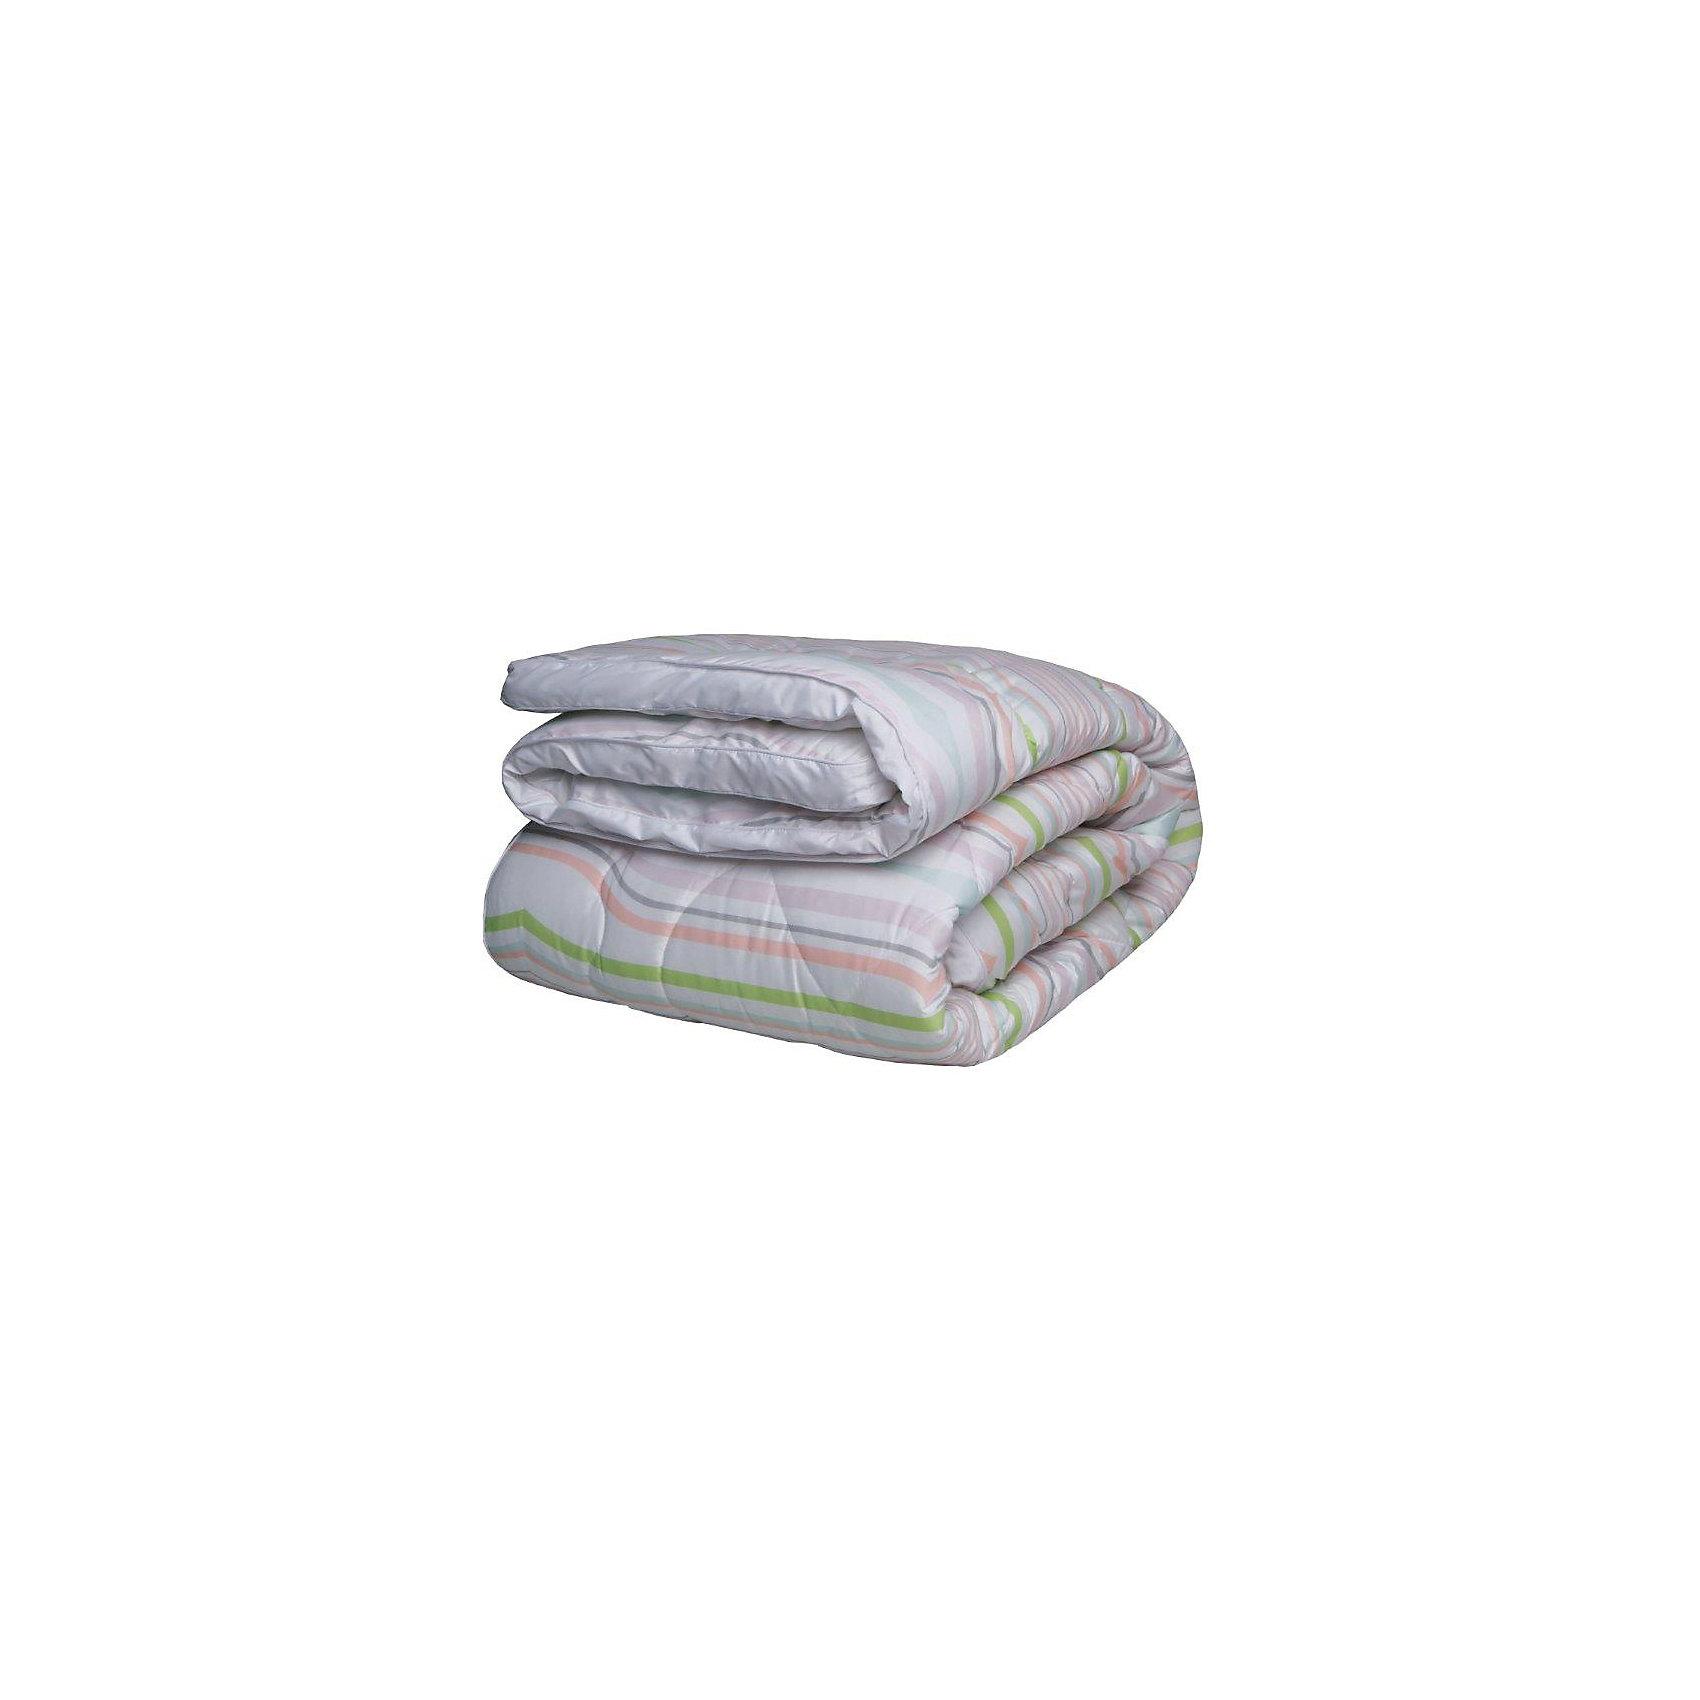 Одеяло 140*205 Secret Gardens искусственный тик, Mona LizaДомашний текстиль<br>Характеристики:<br><br>• размер одеяла: 140х205 см<br>• чехол: тик (100% полиэстер)<br>• наполнитель: силиконизированное волокно Лебяжий пух<br>• размер упаковки: 46х16х54 см<br>• вес: 1450 грамм<br><br>Одеяло Secret Garden подходит для любого сезона. Силиконизированное волокно не сбивается в комки, обеспечивая вам тепло и комфорт в течение всего времени использования. Чехол изготовлен из тика. Тик - ткань, отличающаяся высокой прочностью и износостойкостью. <br><br>Кроме того, он устойчив к загрязнениям и легко очищается при необходимости.  Одеяло не впитывает неприятные запахи и препятствует скапливанию пыли, что особенно важно для людей, склонных к аллергии.<br><br>Одеяло 140*205 Secret Gardens искусственный тик, Mona Liza (Мона Лиза) вы можете купить в нашем интернет-магазине.<br><br>Ширина мм: 540<br>Глубина мм: 160<br>Высота мм: 460<br>Вес г: 1450<br>Возраст от месяцев: 84<br>Возраст до месяцев: 600<br>Пол: Унисекс<br>Возраст: Детский<br>SKU: 6765309